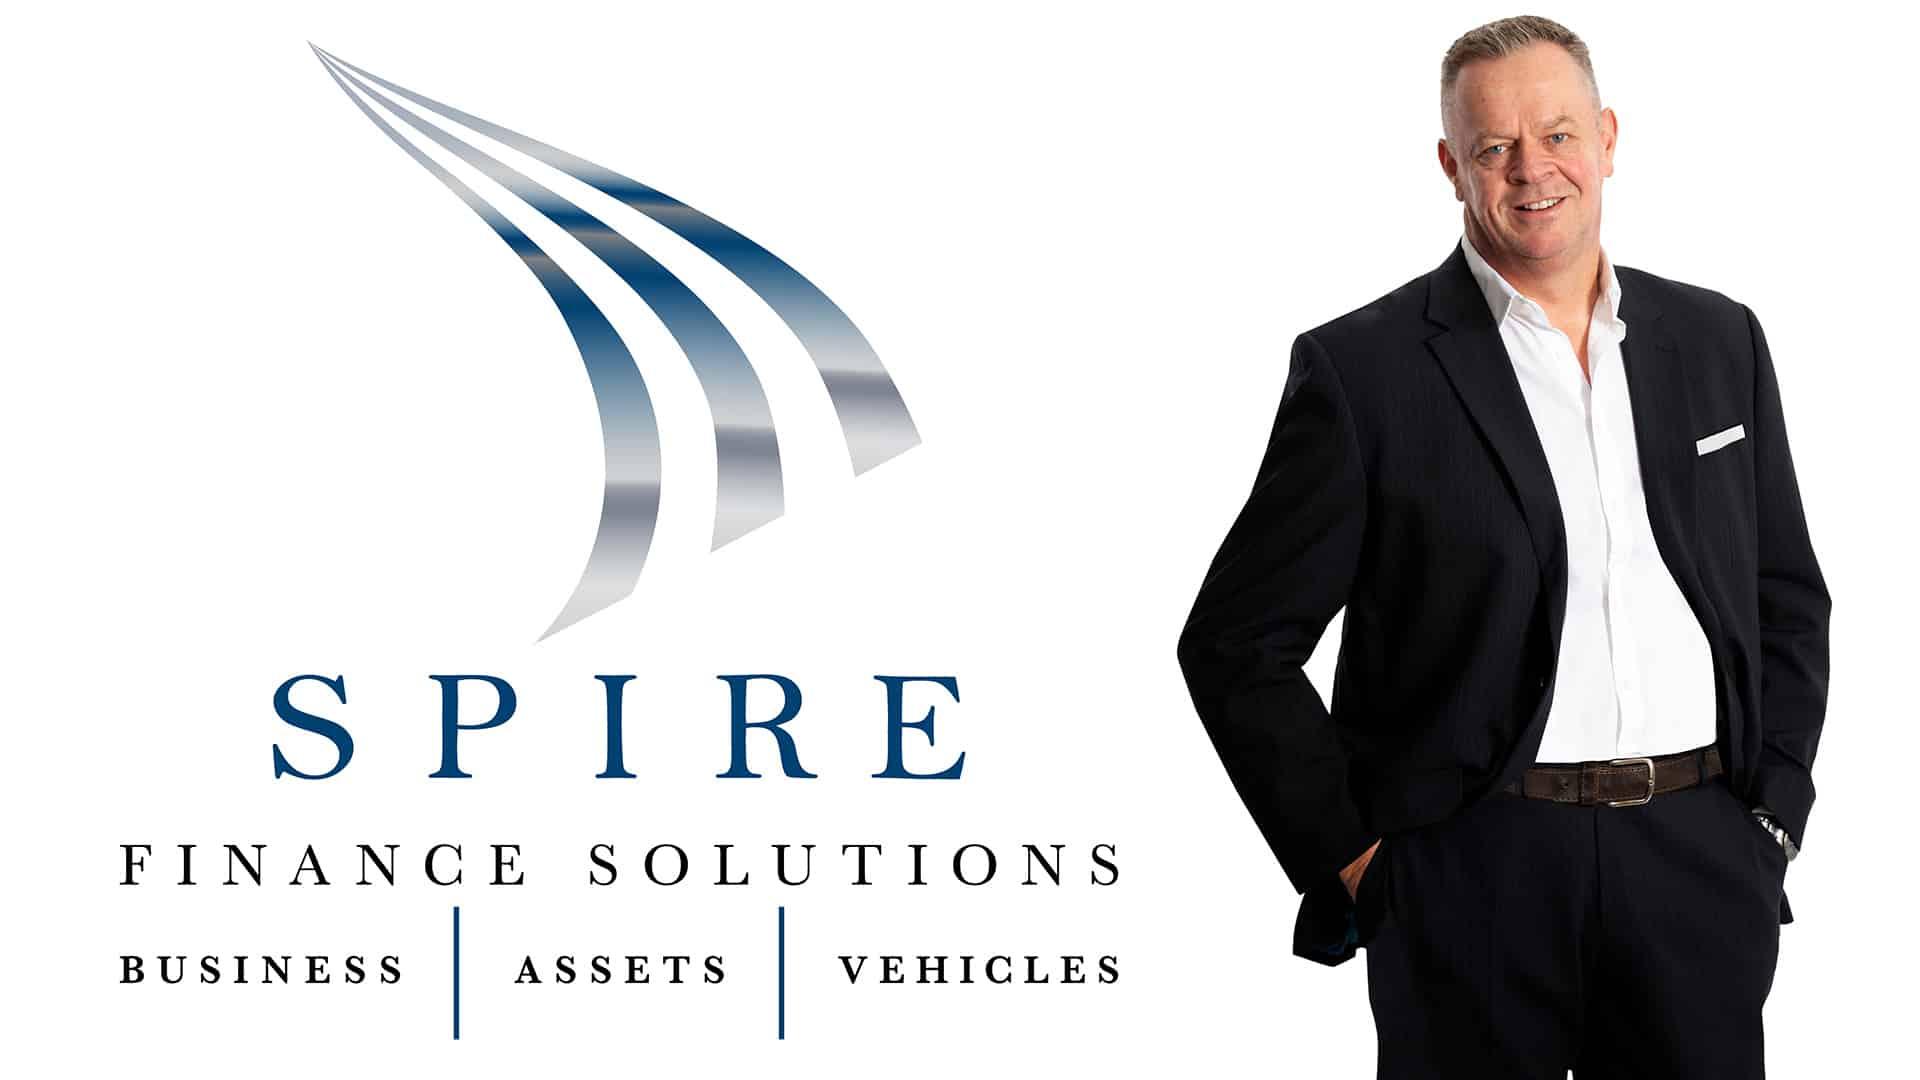 Spire Finance Image 1